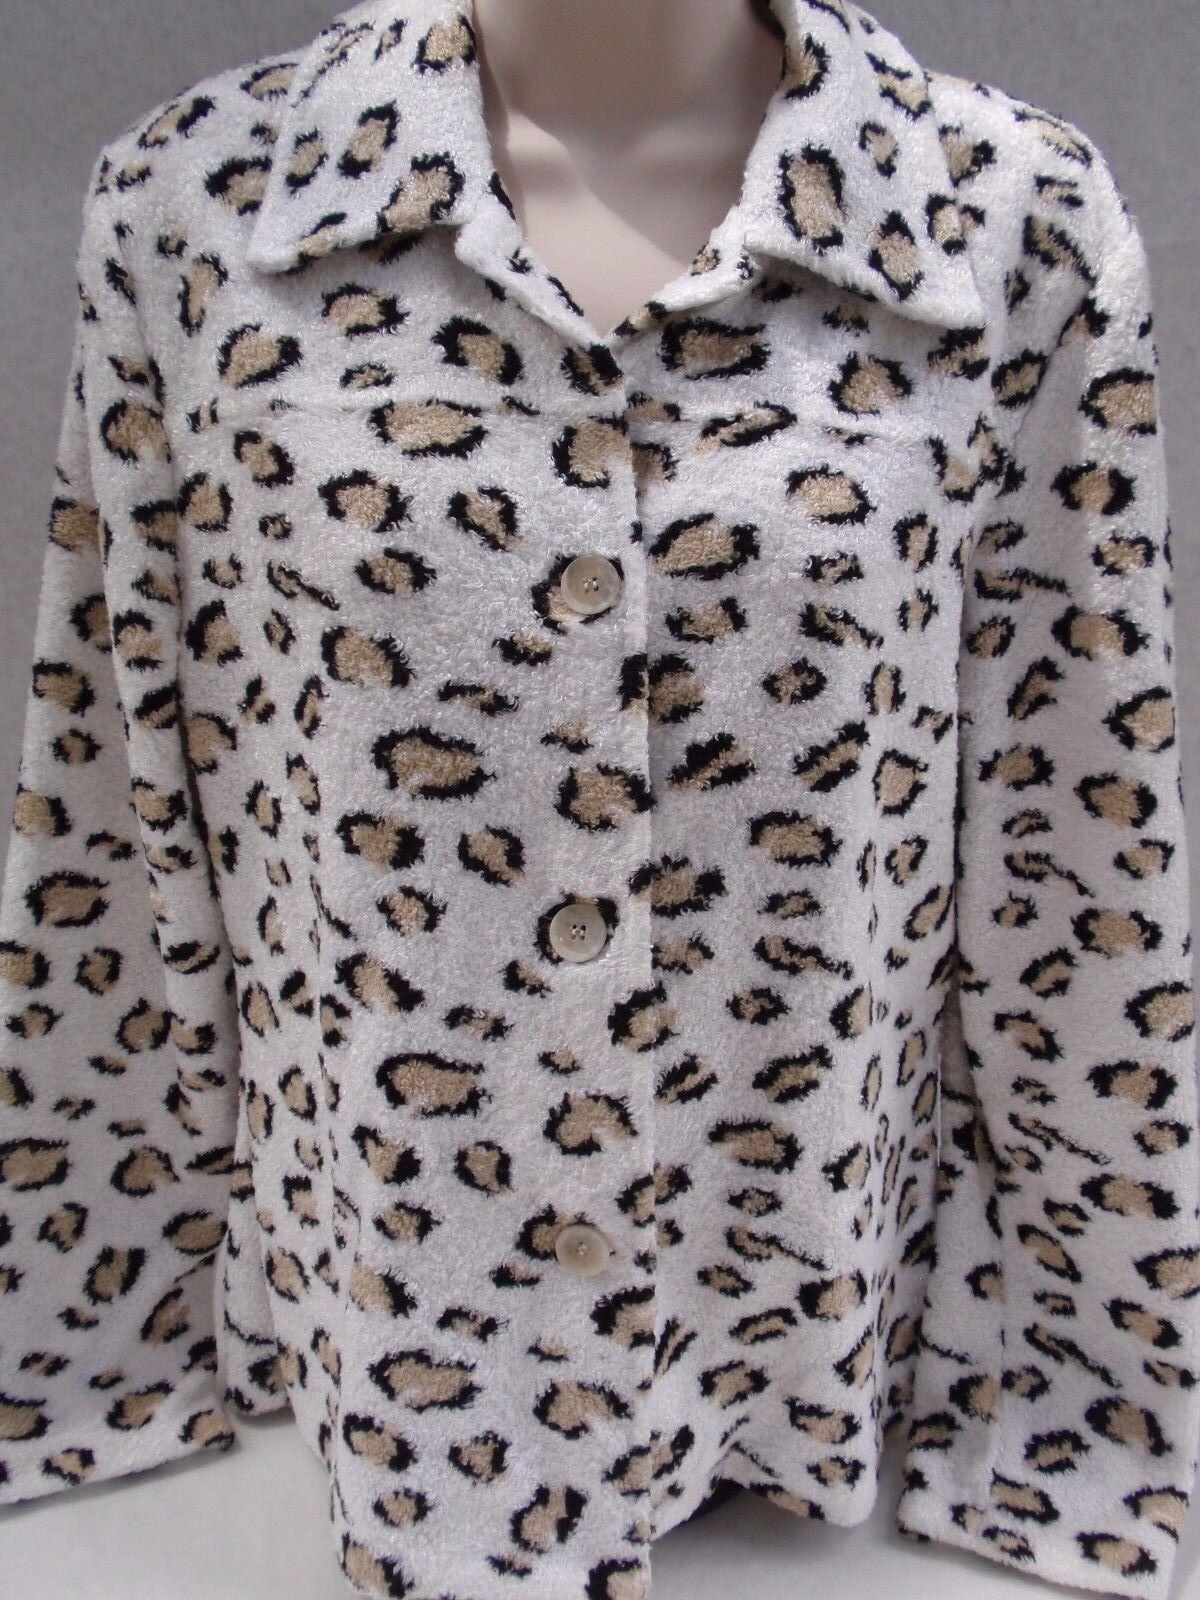 Suministro de señoras & amp;Chaqueta con botones Boucle Boece con estampado de leopardo a cuadros Viscose M